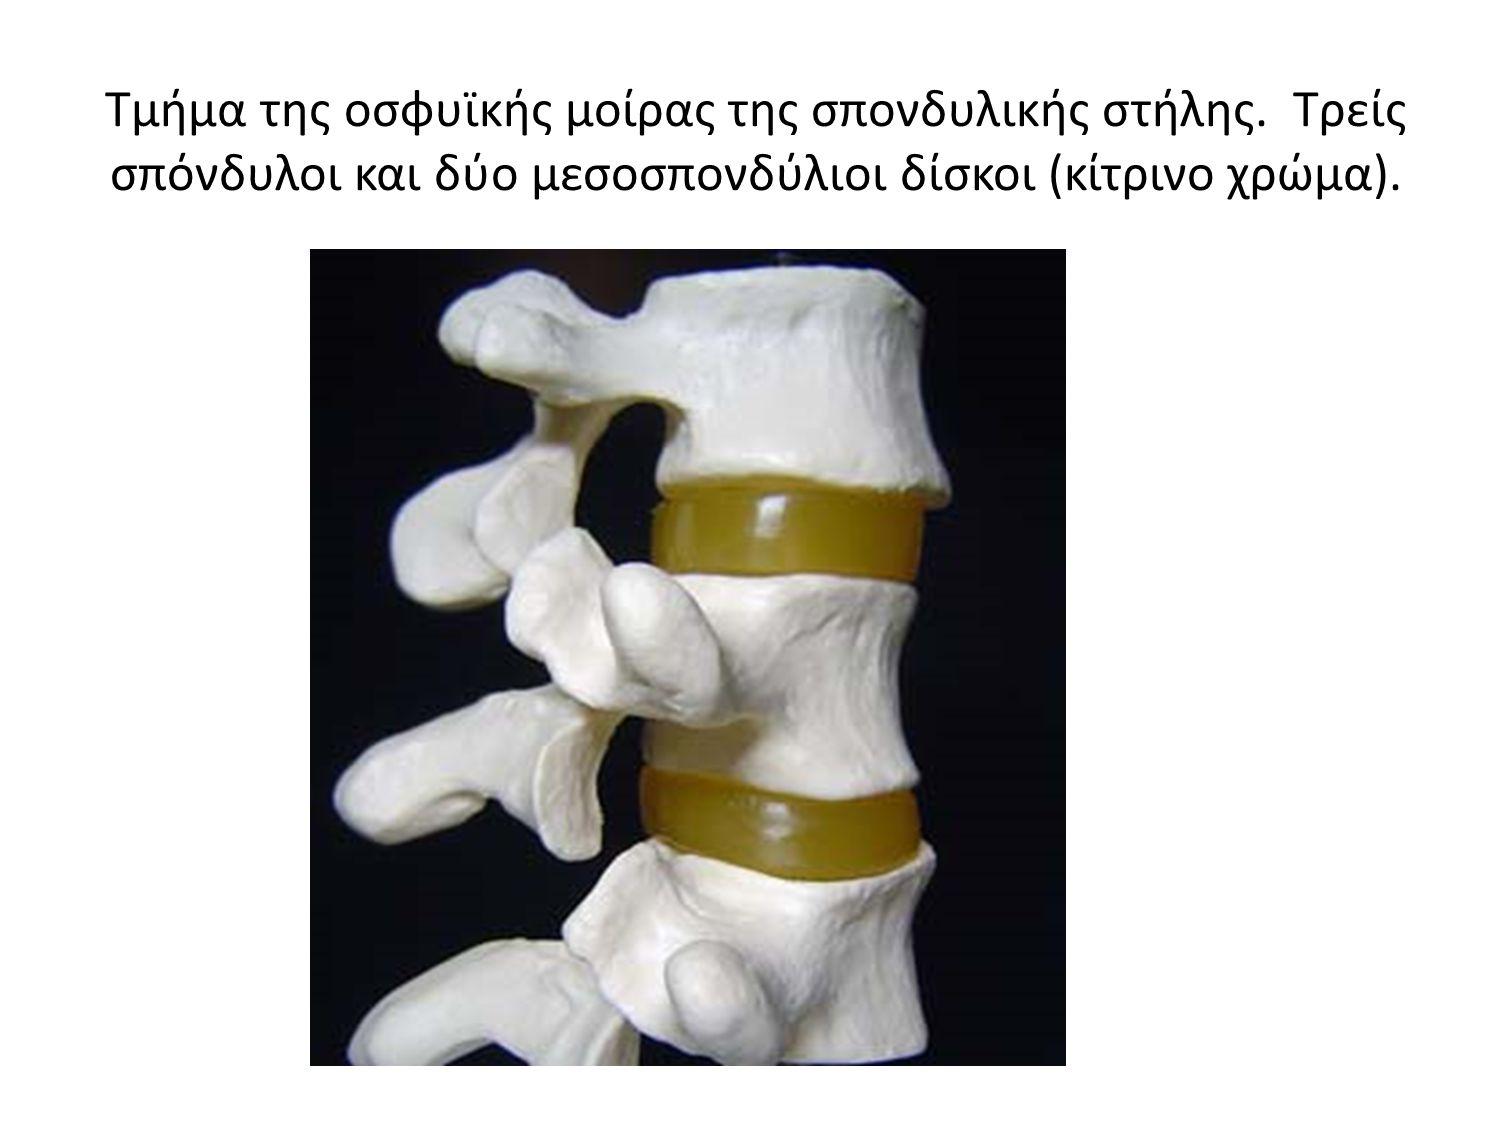 Τμήμα της οσφυϊκής μοίρας της σπονδυλικής στήλης. Τρείς σπόνδυλοι και δύο μεσοσπονδύλιοι δίσκοι (κίτρινο χρώμα).